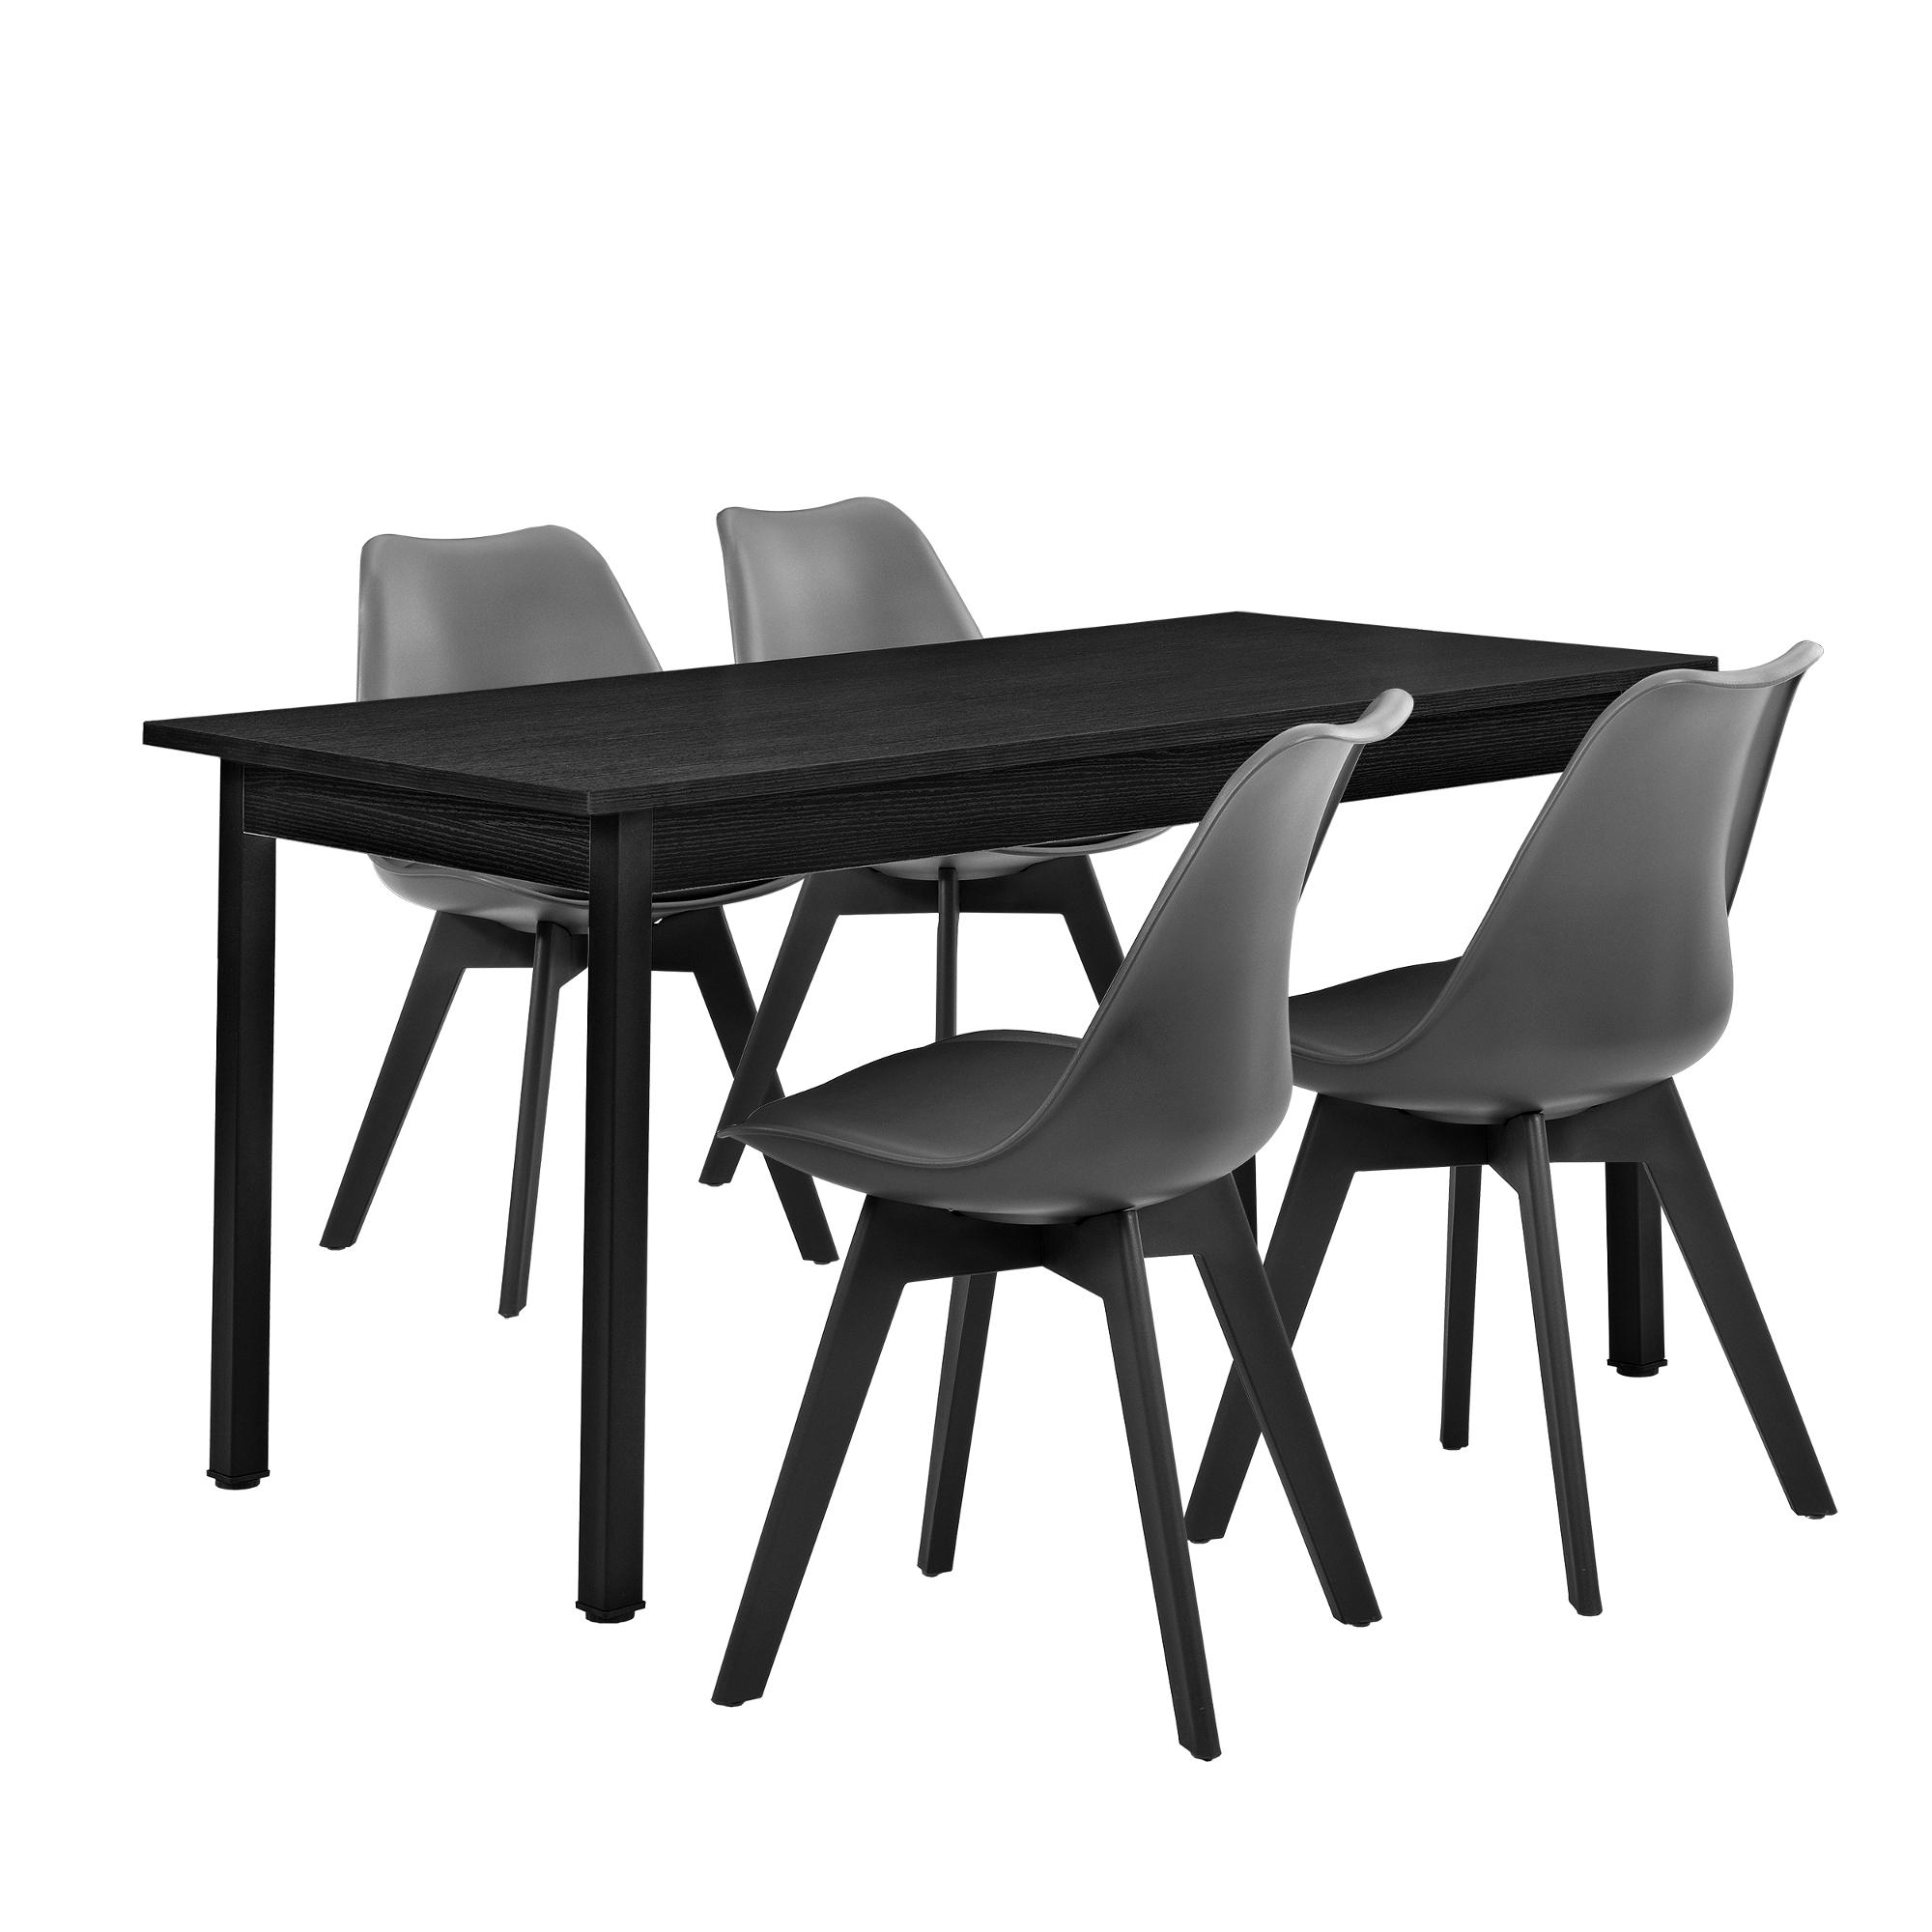 en.casa] Esstisch mit 4 Stühlen schwarz/grau 140x60cm Küchentisch ...